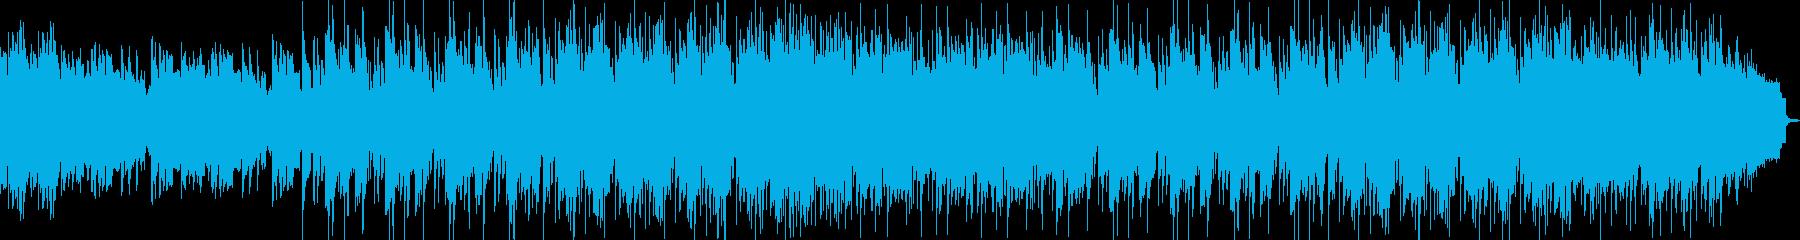 ポップバラード。の再生済みの波形